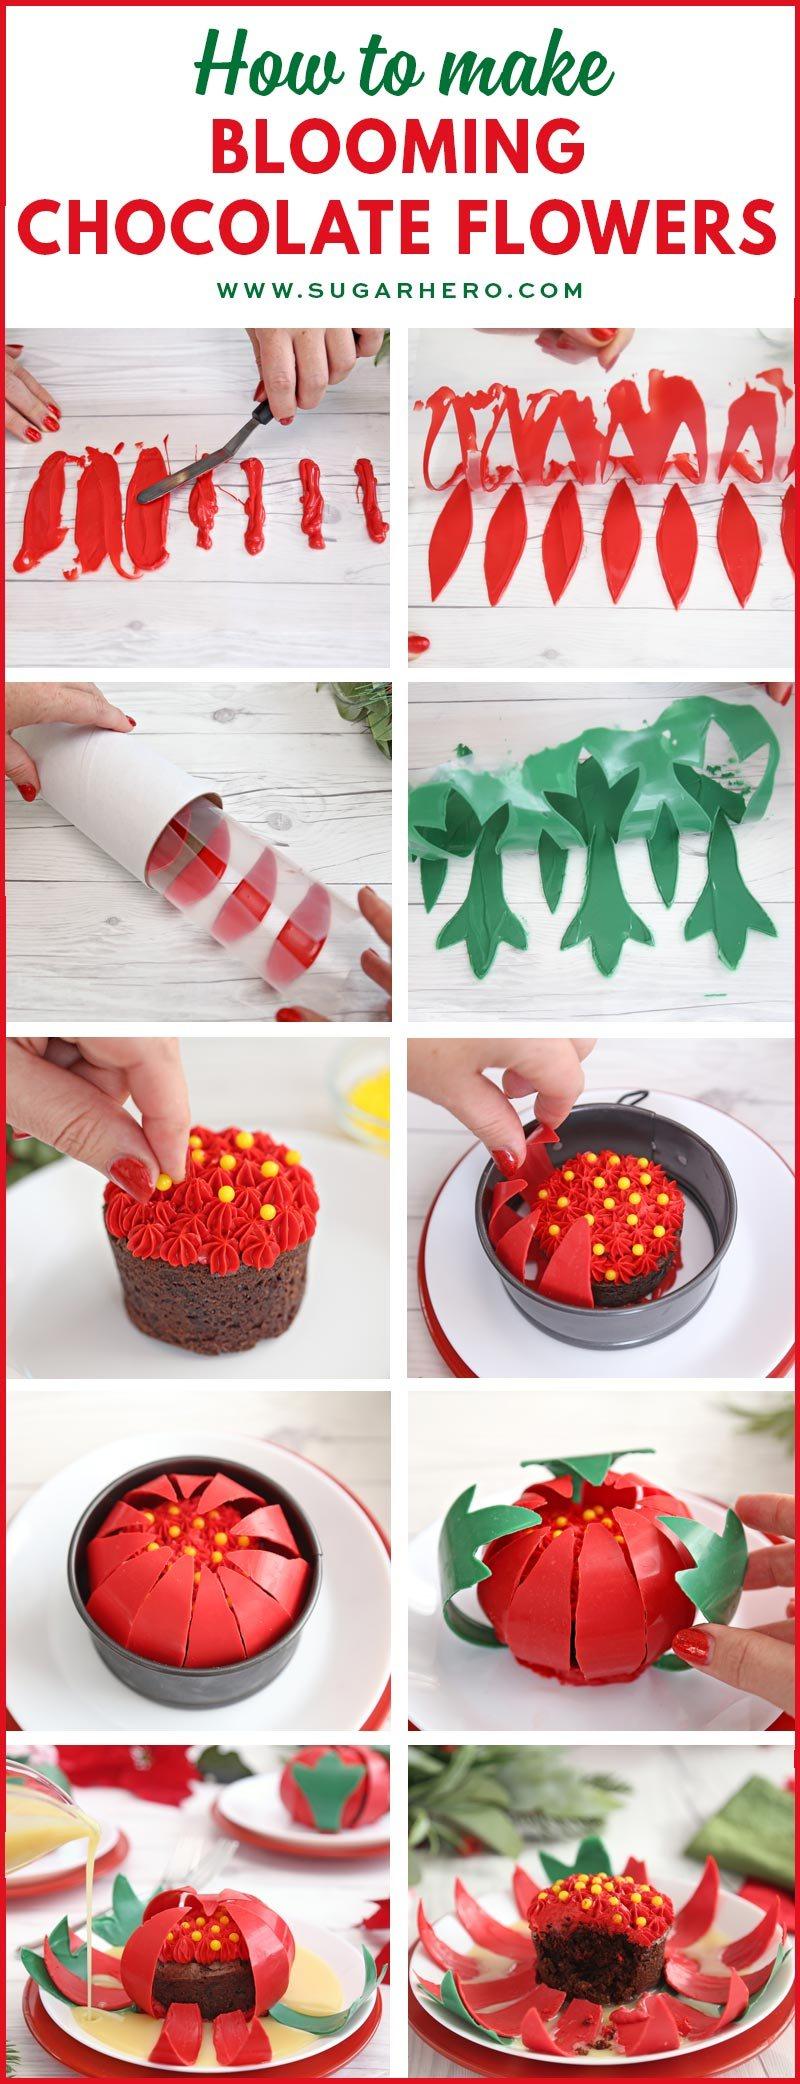 Blooming Chocolate Flowers - collage de fotos que muestra fotos paso a paso para hacer una flor de chocolate en flor | De SugarHero.com